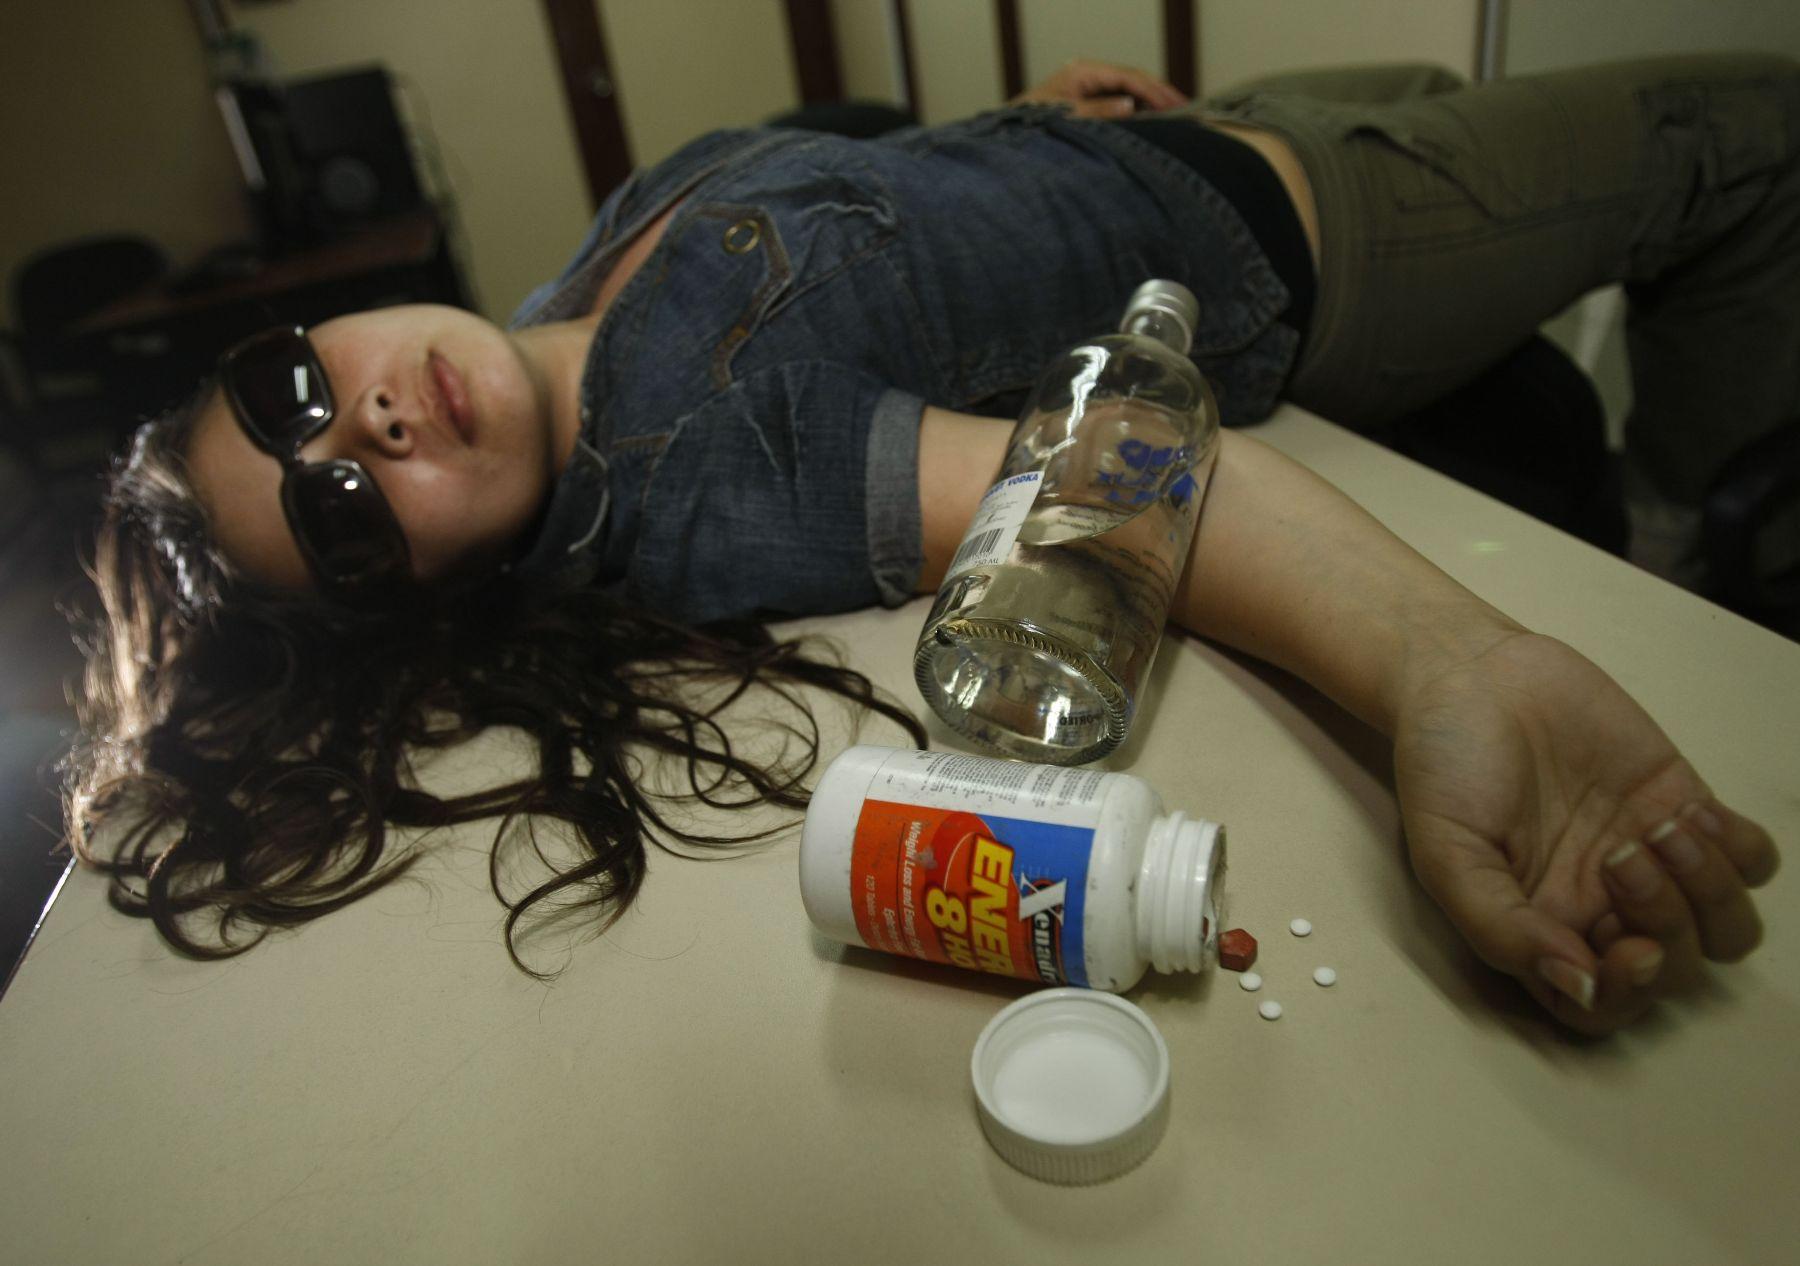 El marido el alcohólico promete que no beberá